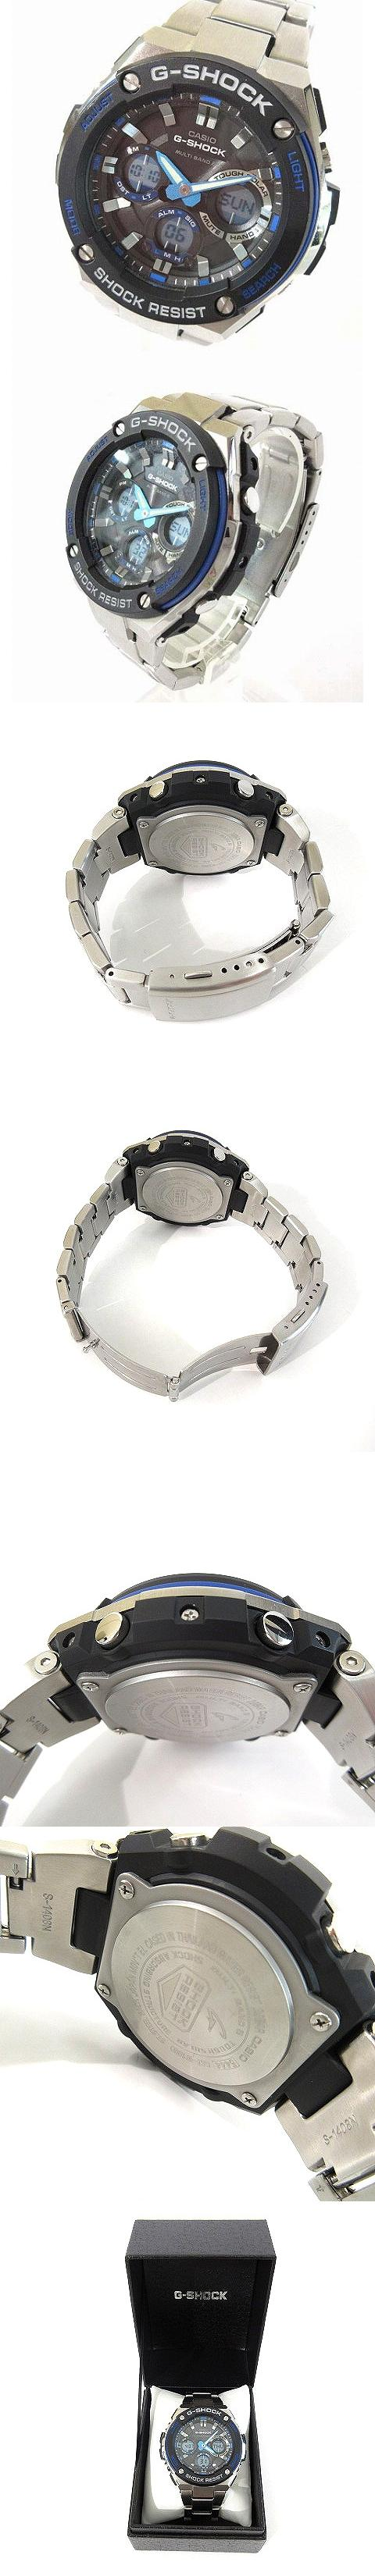 腕時計 Gスチール G-STEEL 電波 タフソーラー GST-W100D-1A2JF シルバー